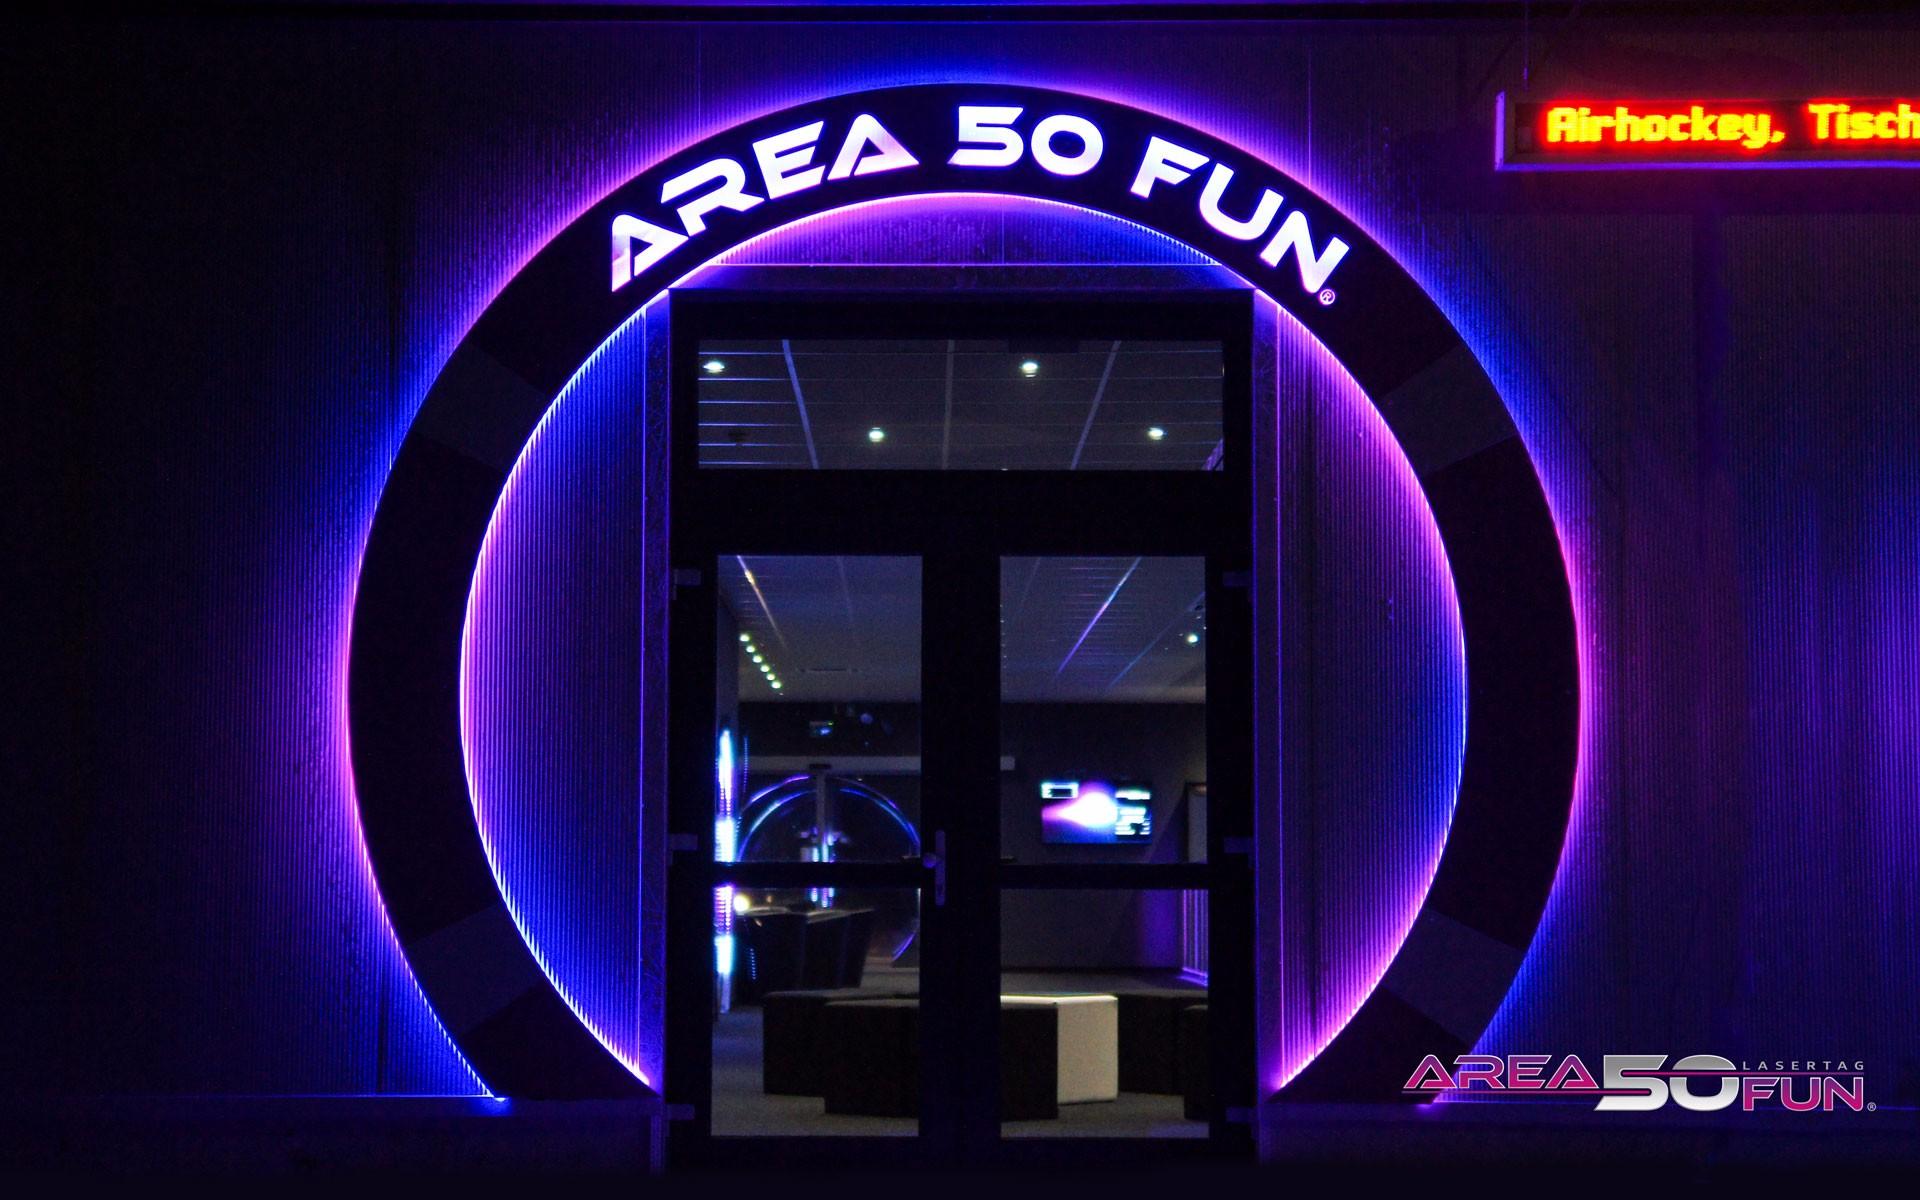 Area50Fun-Eingang1